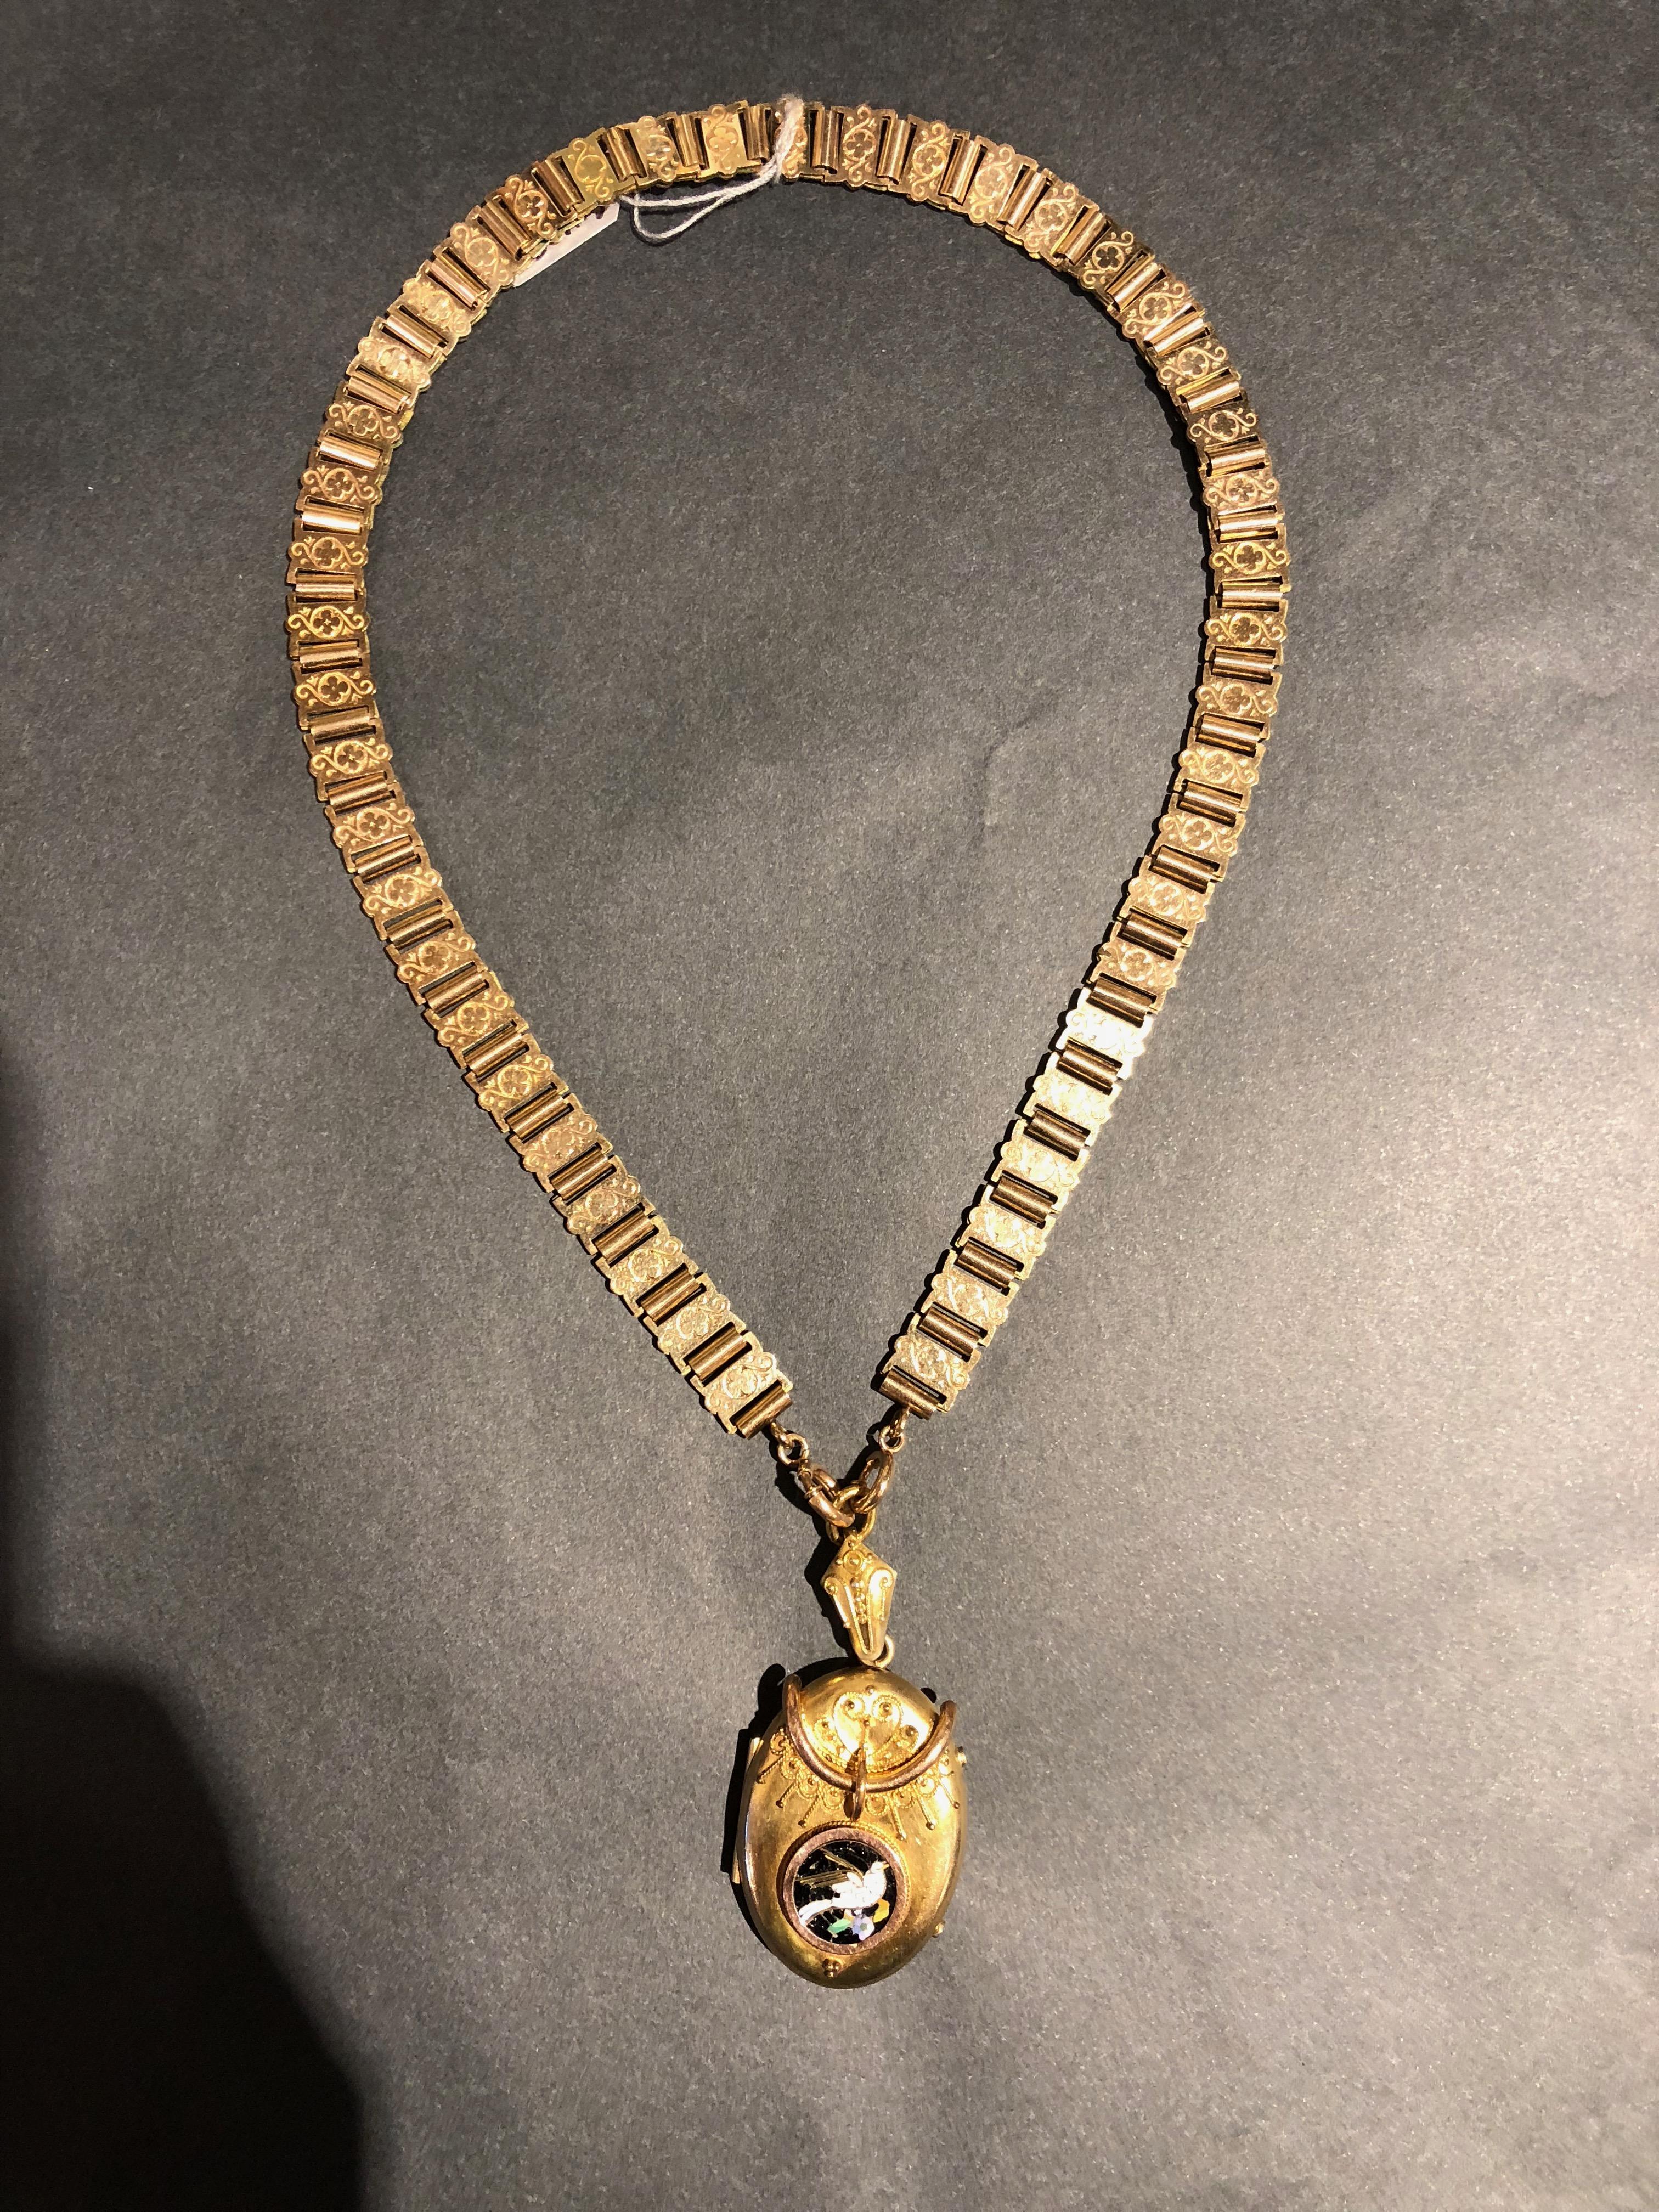 1870-80s gold-fill chain & locket